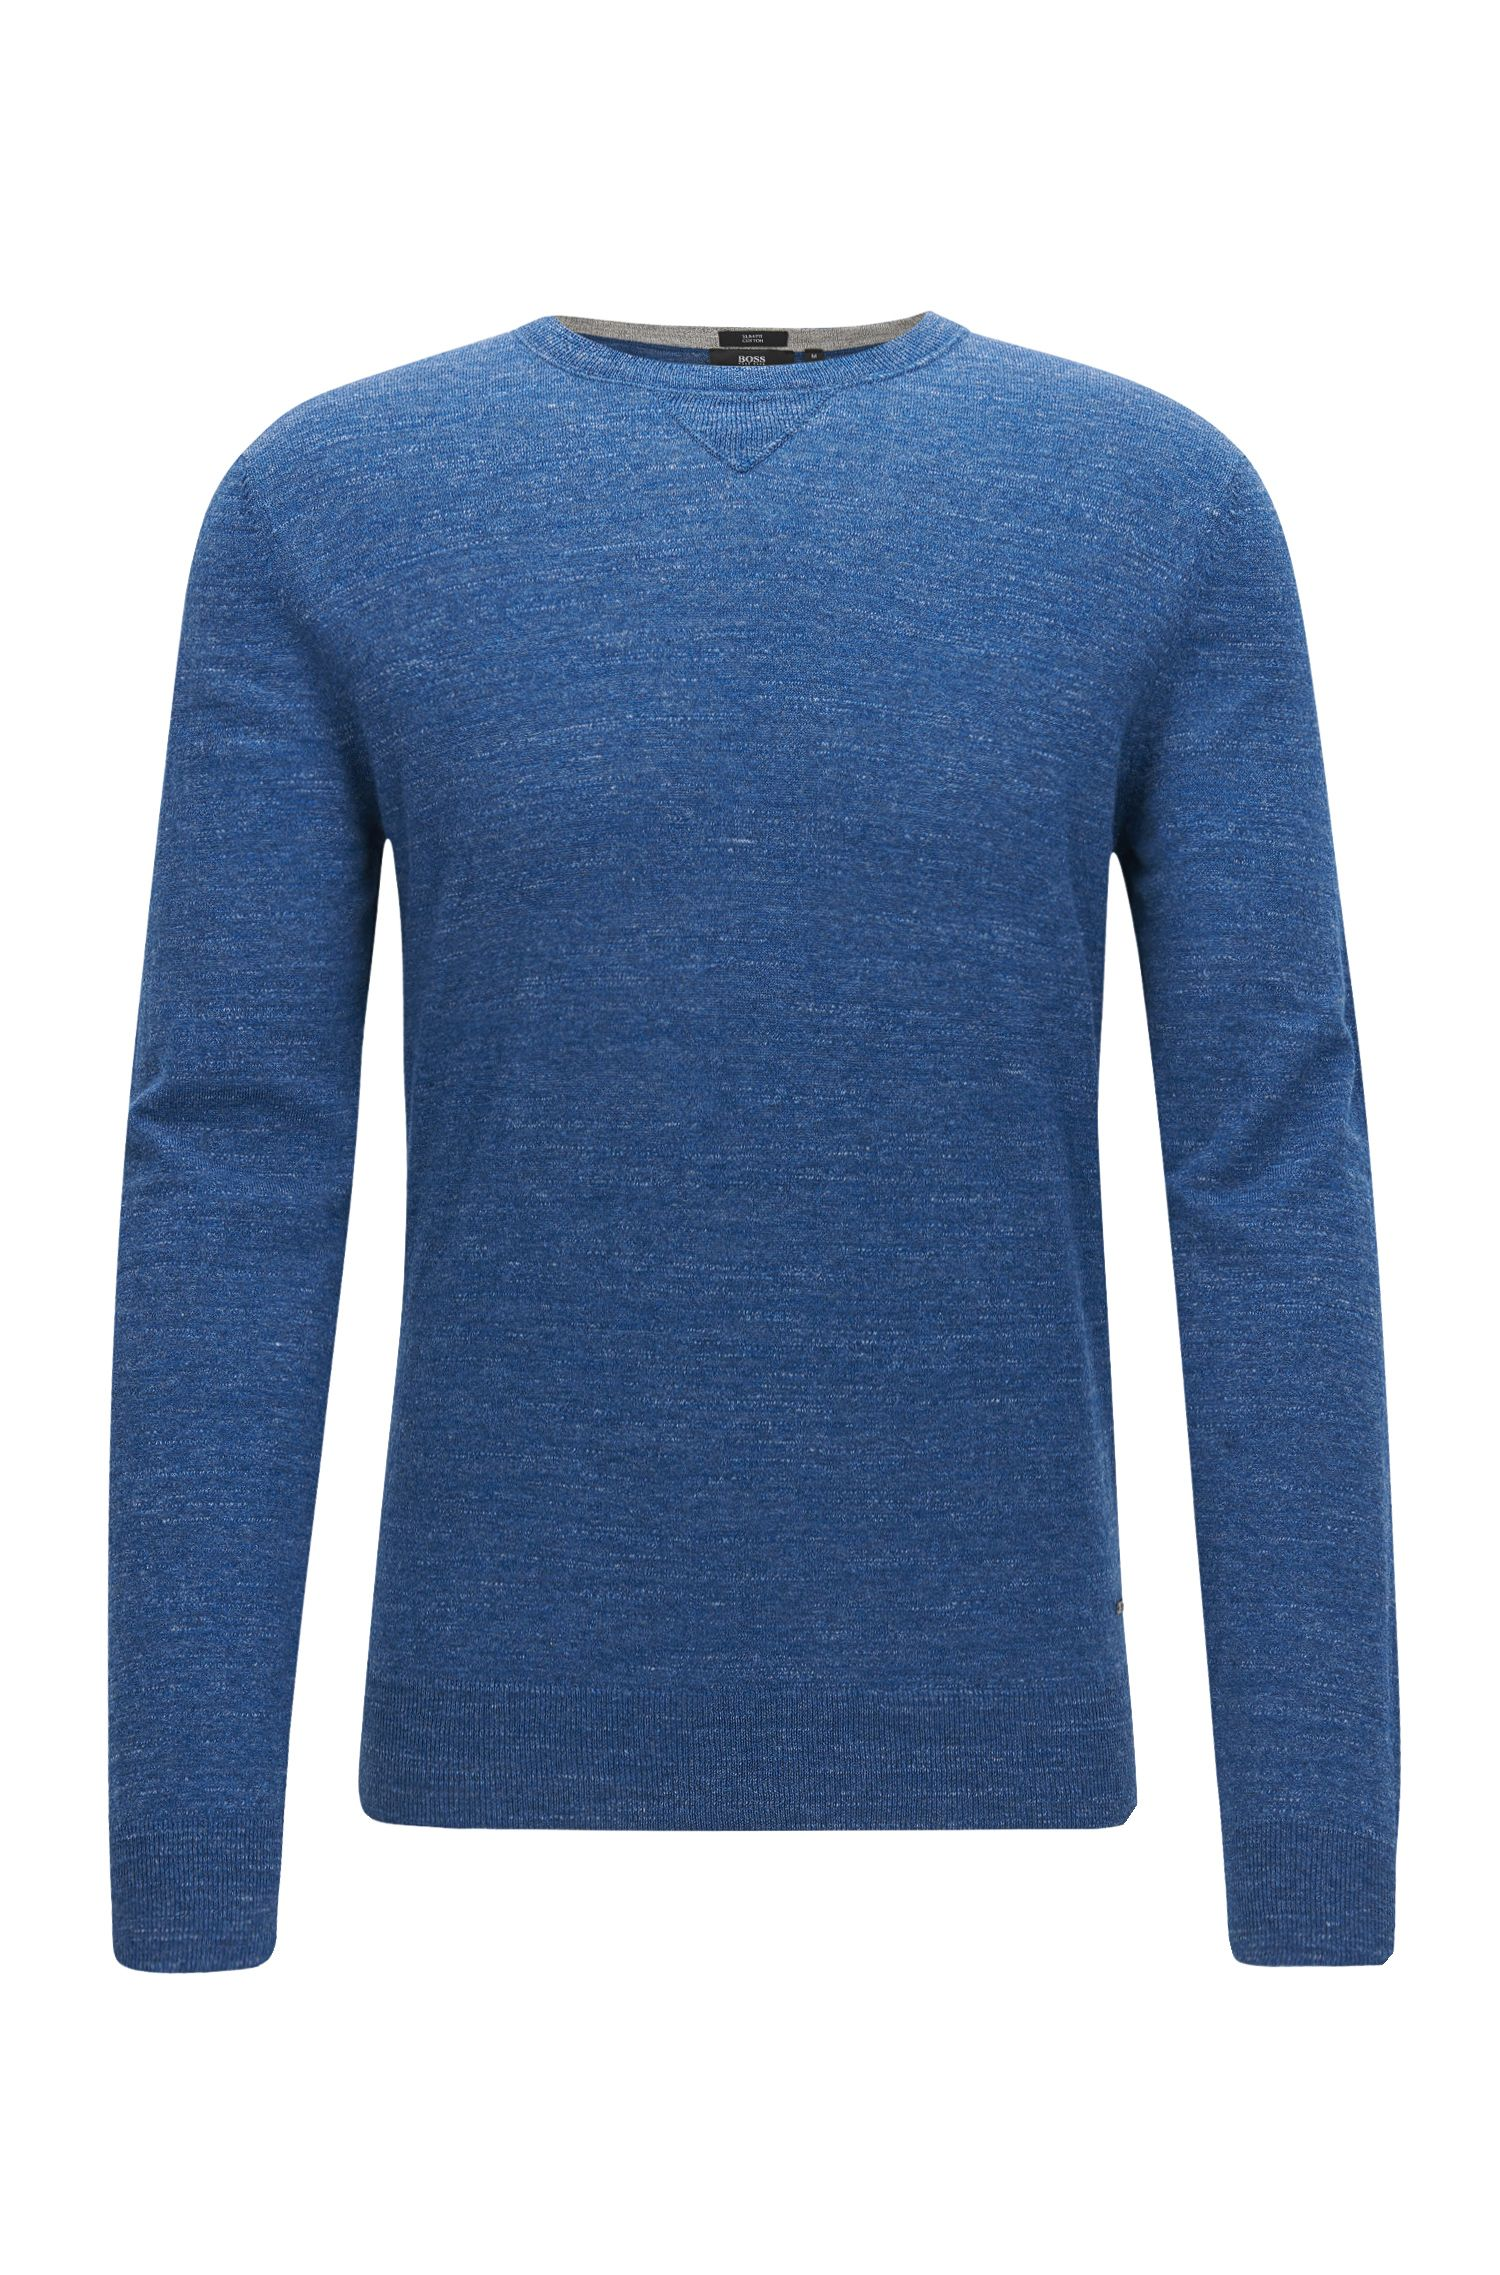 Maglione slim fit in jersey di cotone